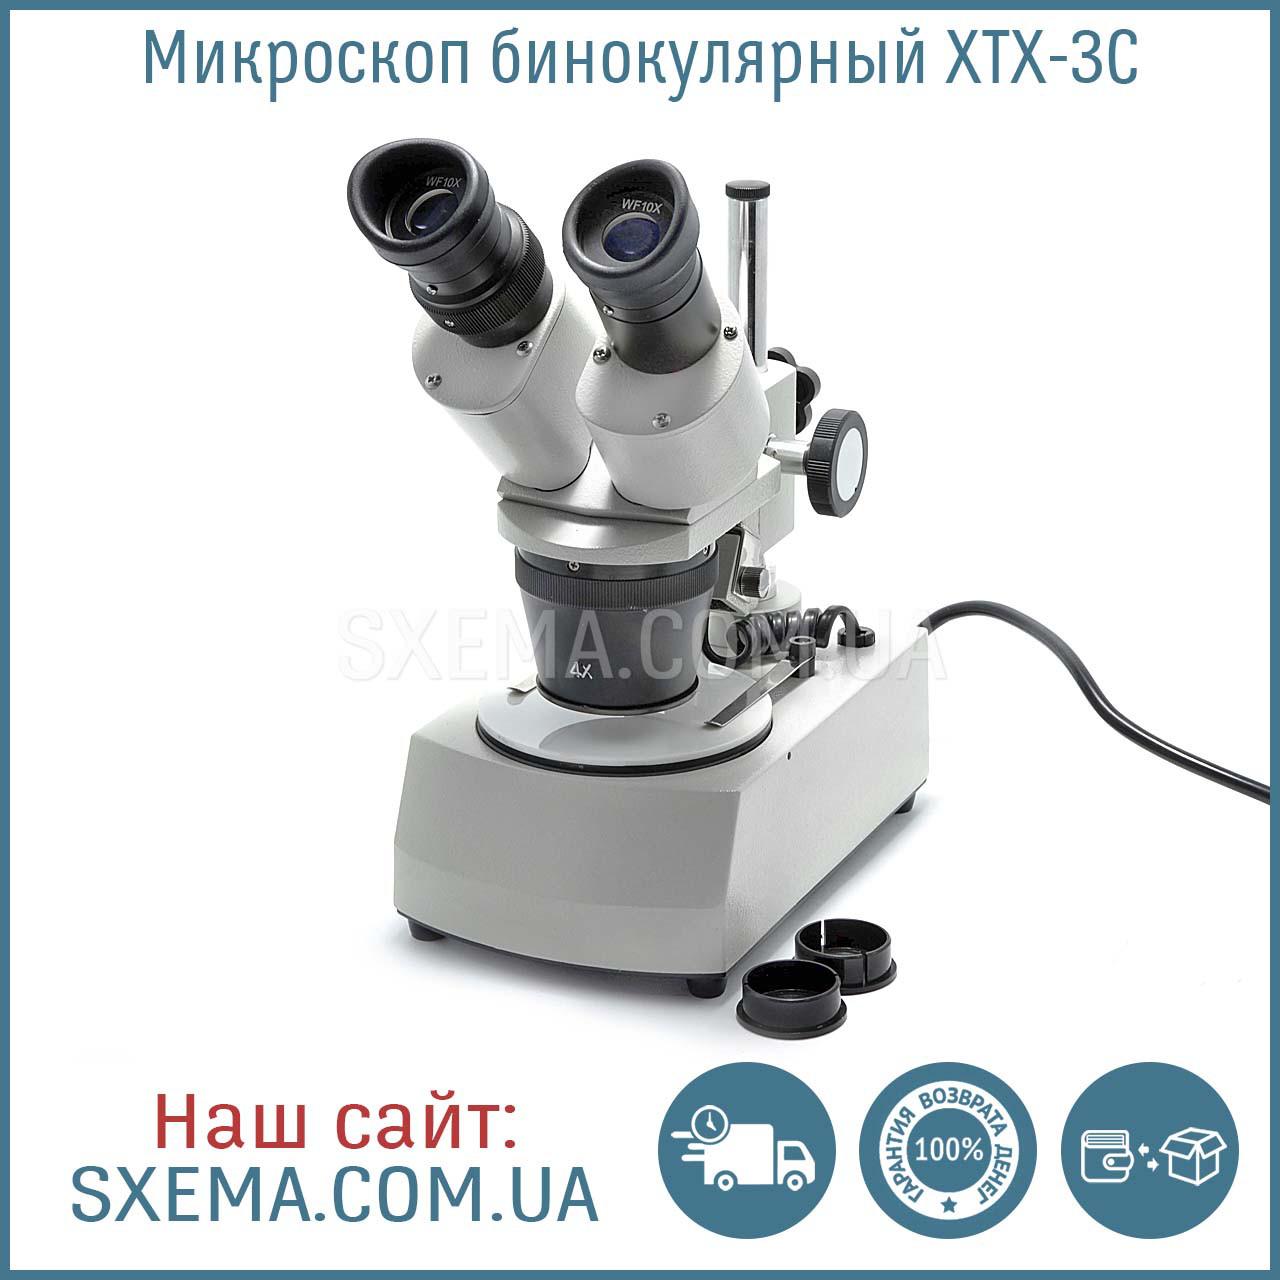 Микроскоп бинокулярный XTX-3C (подсветка верх/низ, фокус 60-80 мм, кратность увеличения 20X/40X), фото 1